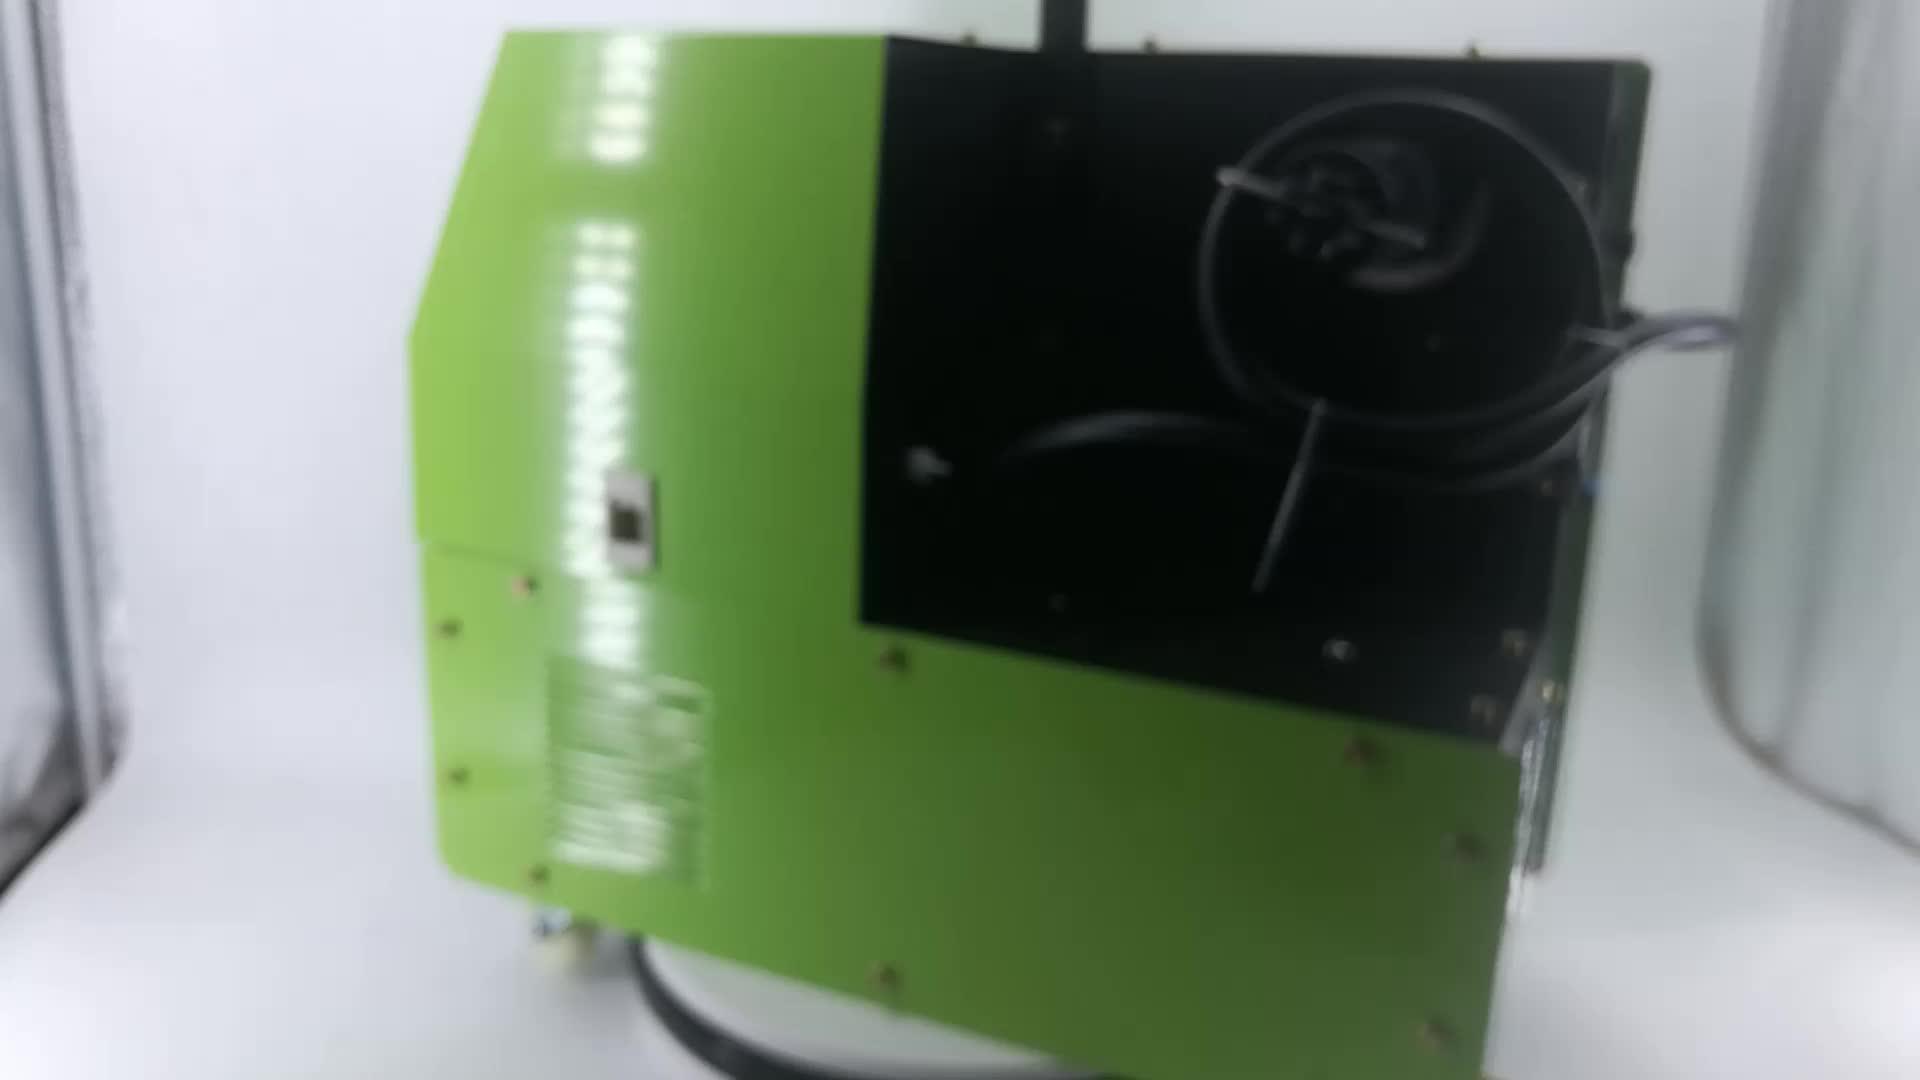 DC inverter mig 250 kaynakçı inverter kaynak makinası üreticisi